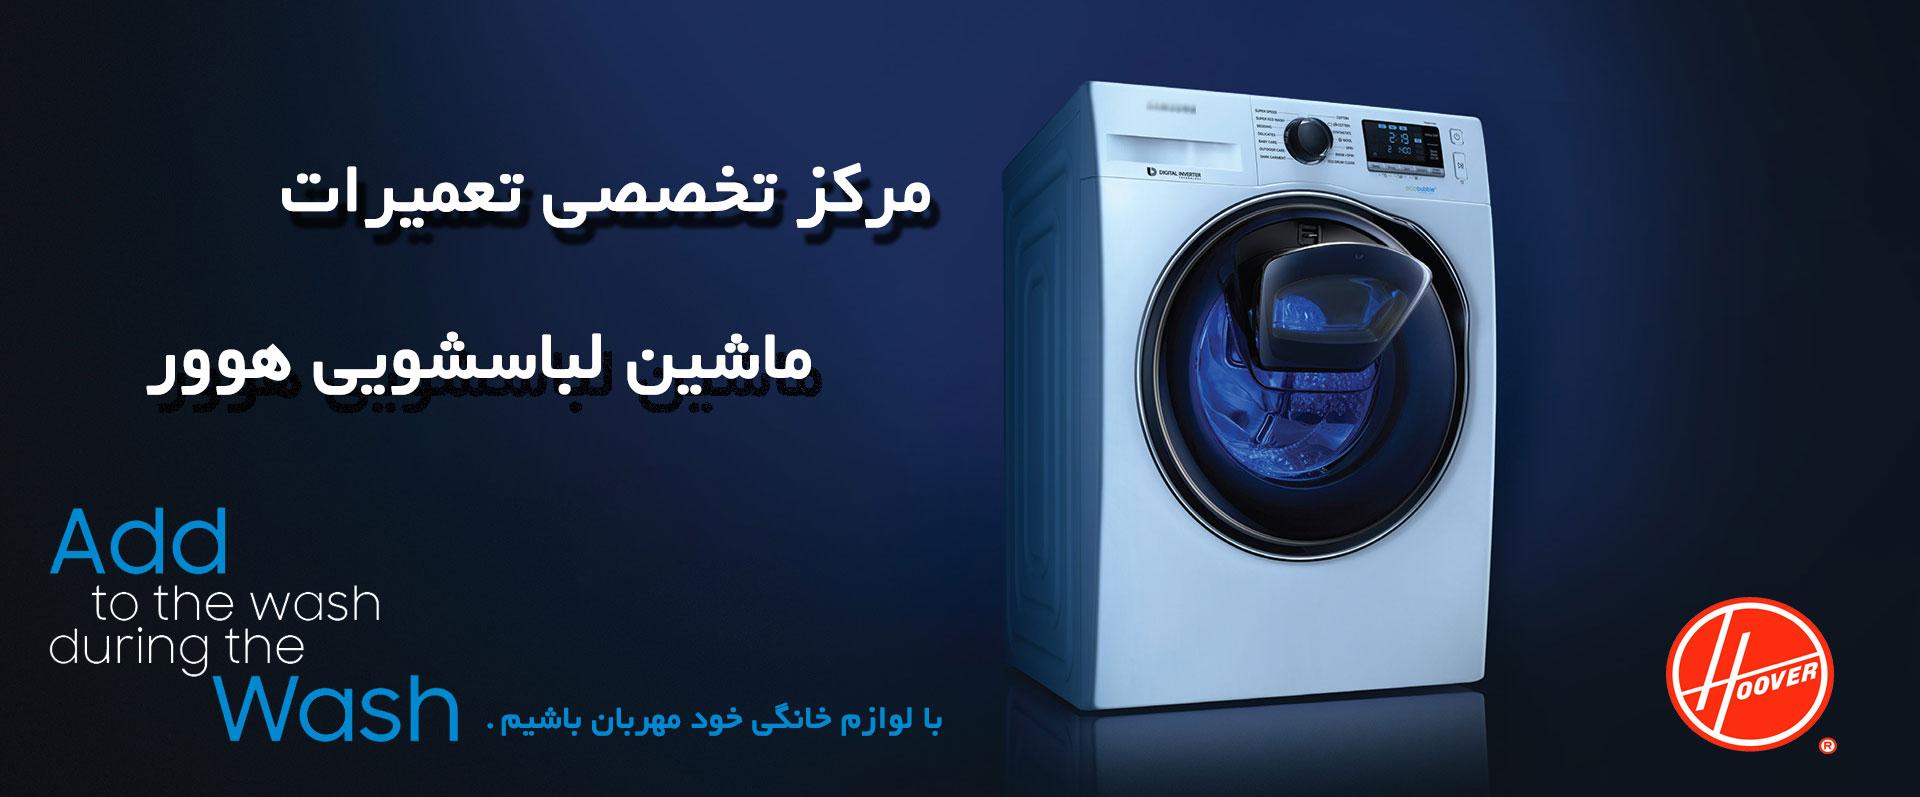 نمایندگی مجاز تعمیرات لباسشویی هوور